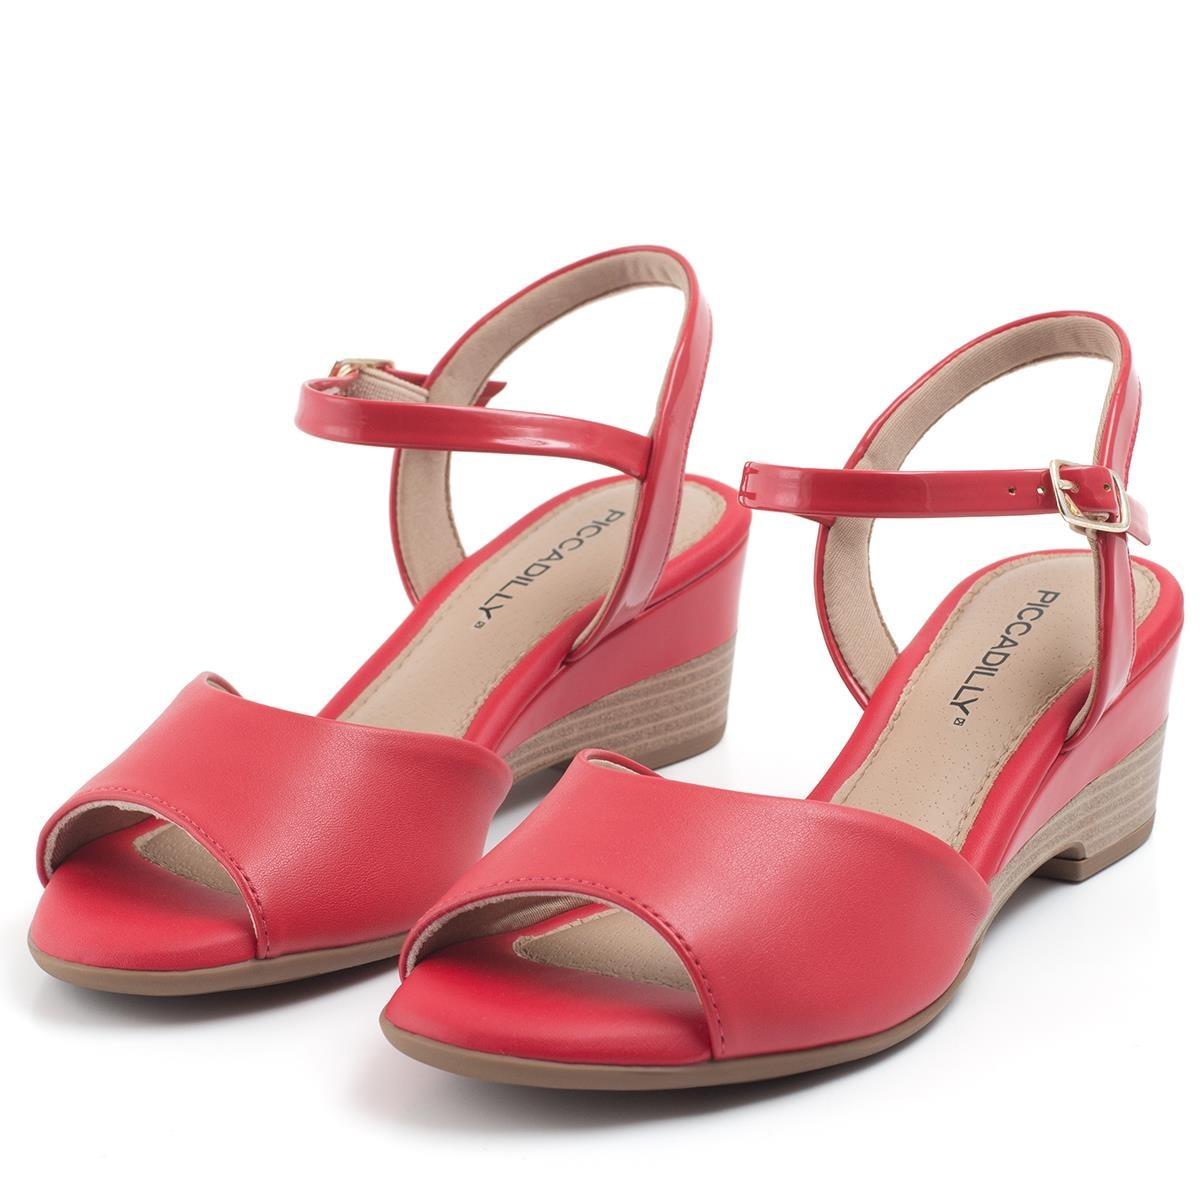 c5c423f100 sandália piccadilly anabela com detalhe no salto 581006. Carregando zoom.